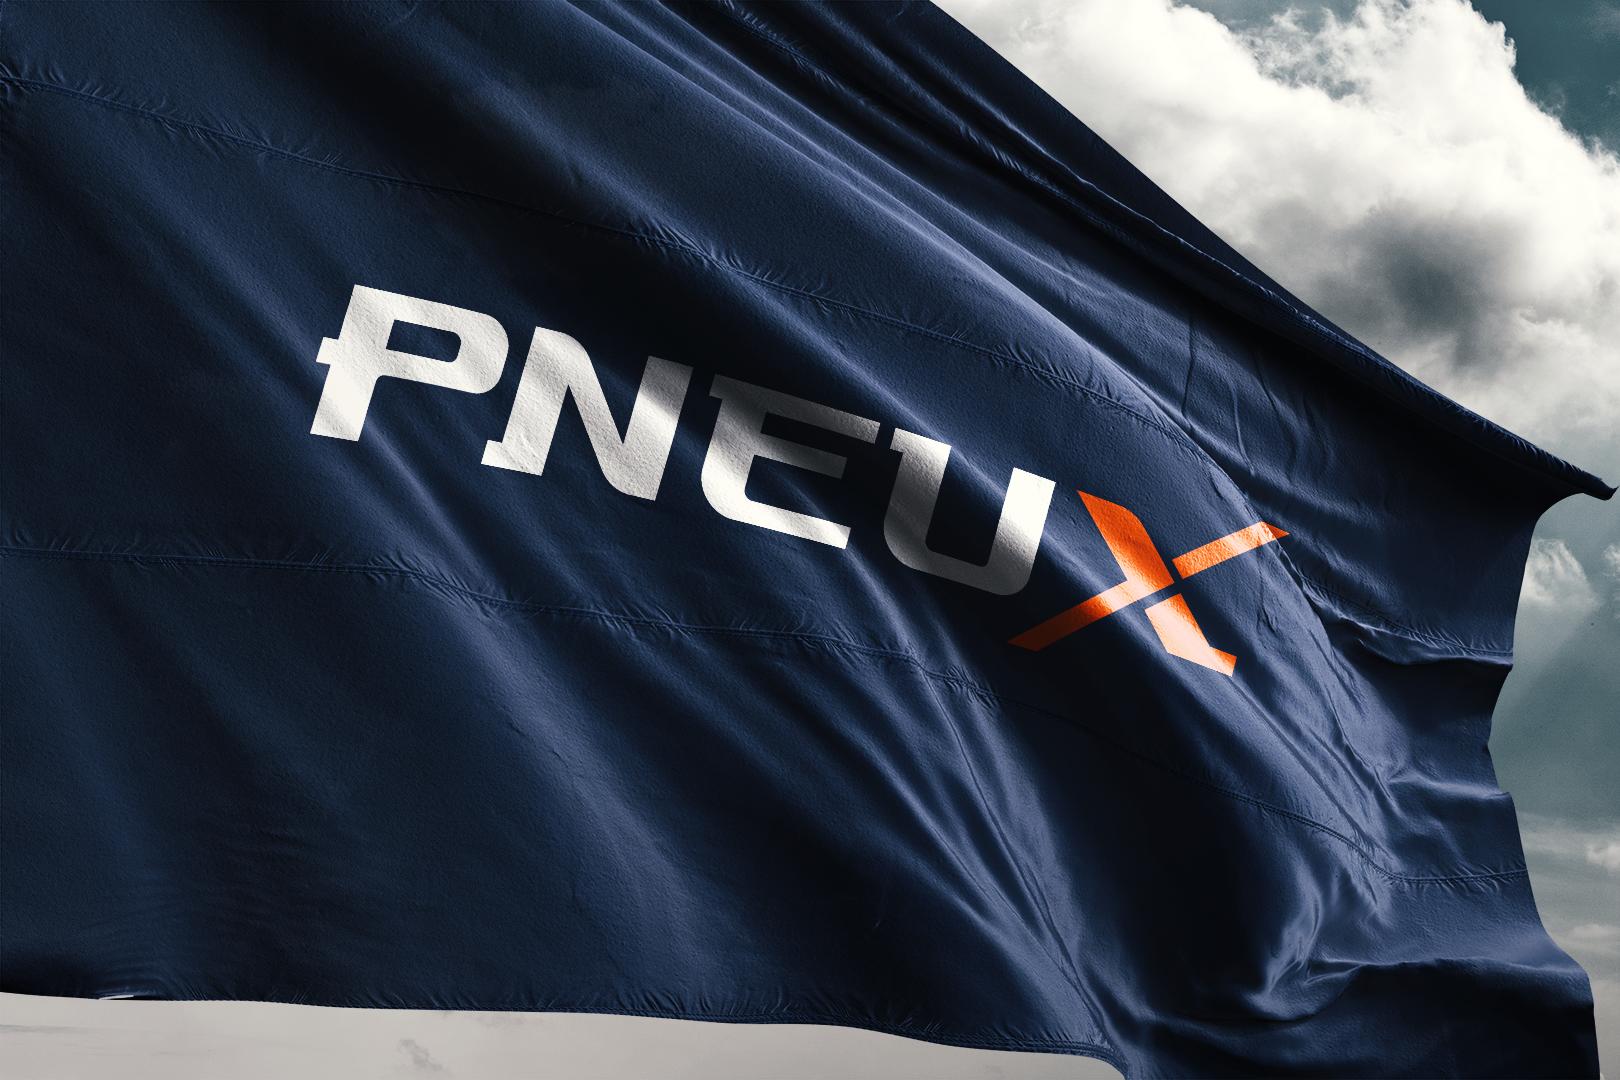 Pneux 05